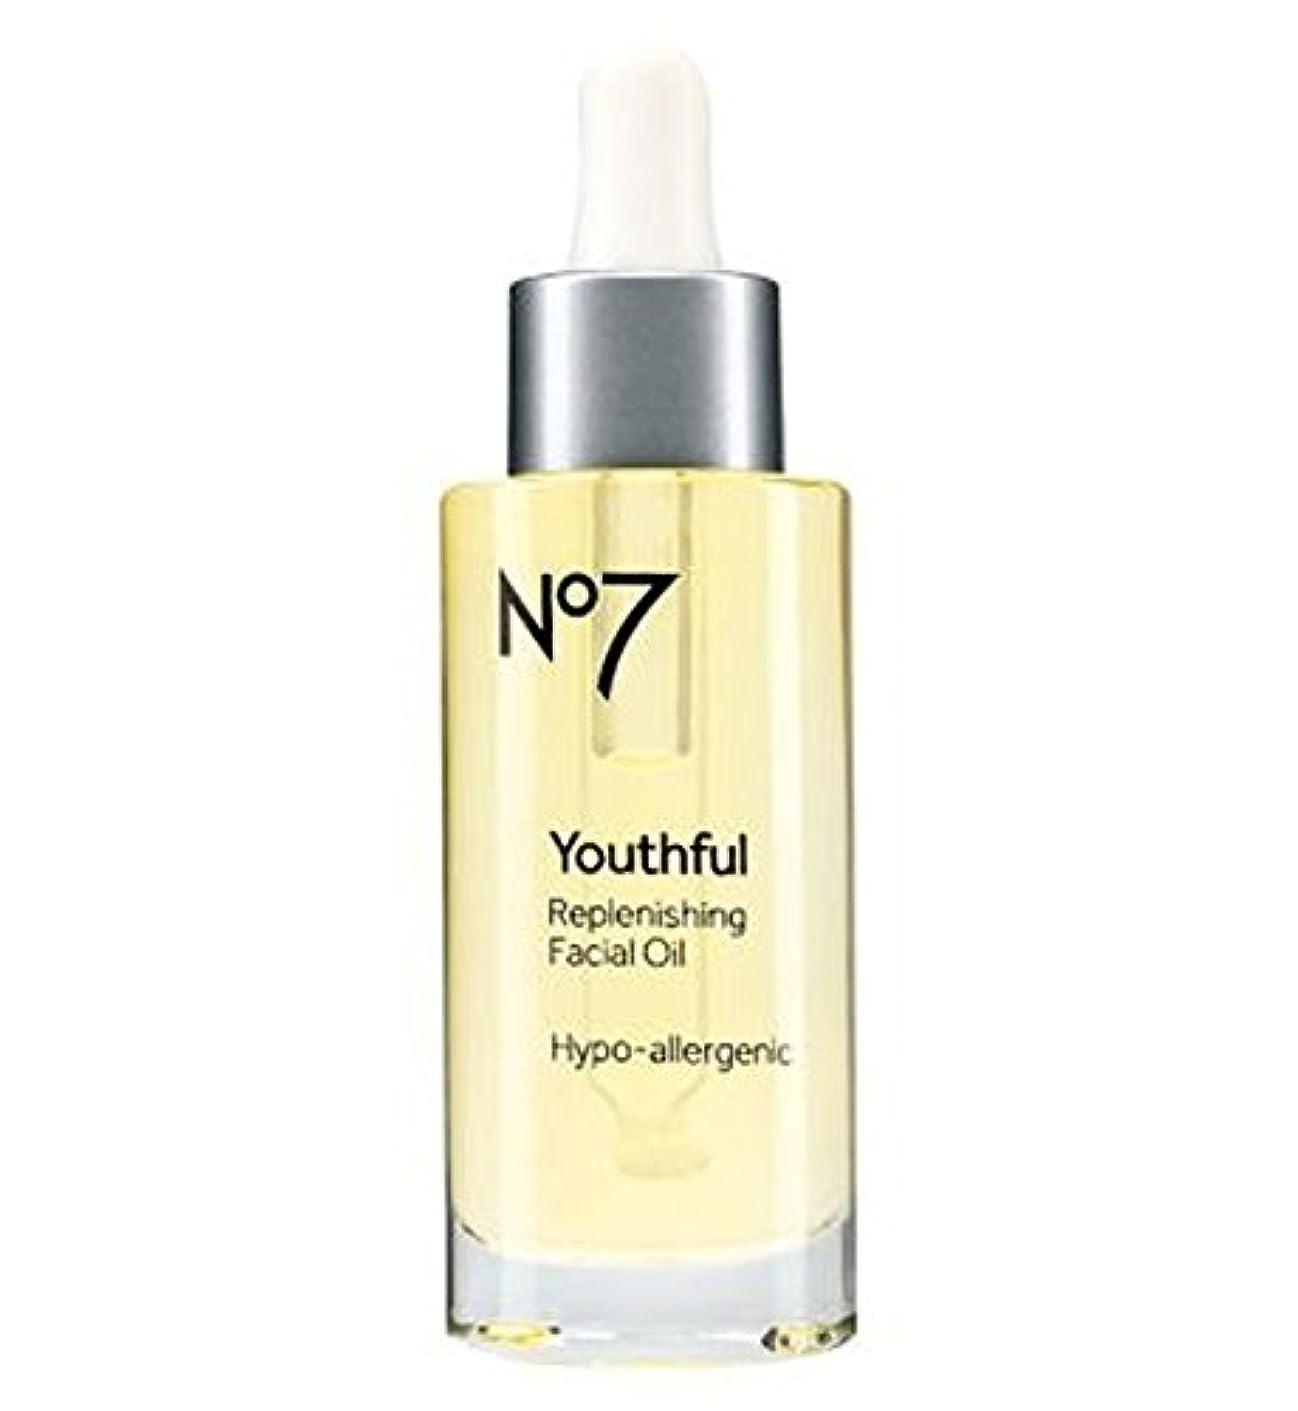 協定新年農夫No7 Youthful Replenishing Facial Oil 30ml - No7若々しい補給フェイシャルオイル30ミリリットル (No7) [並行輸入品]